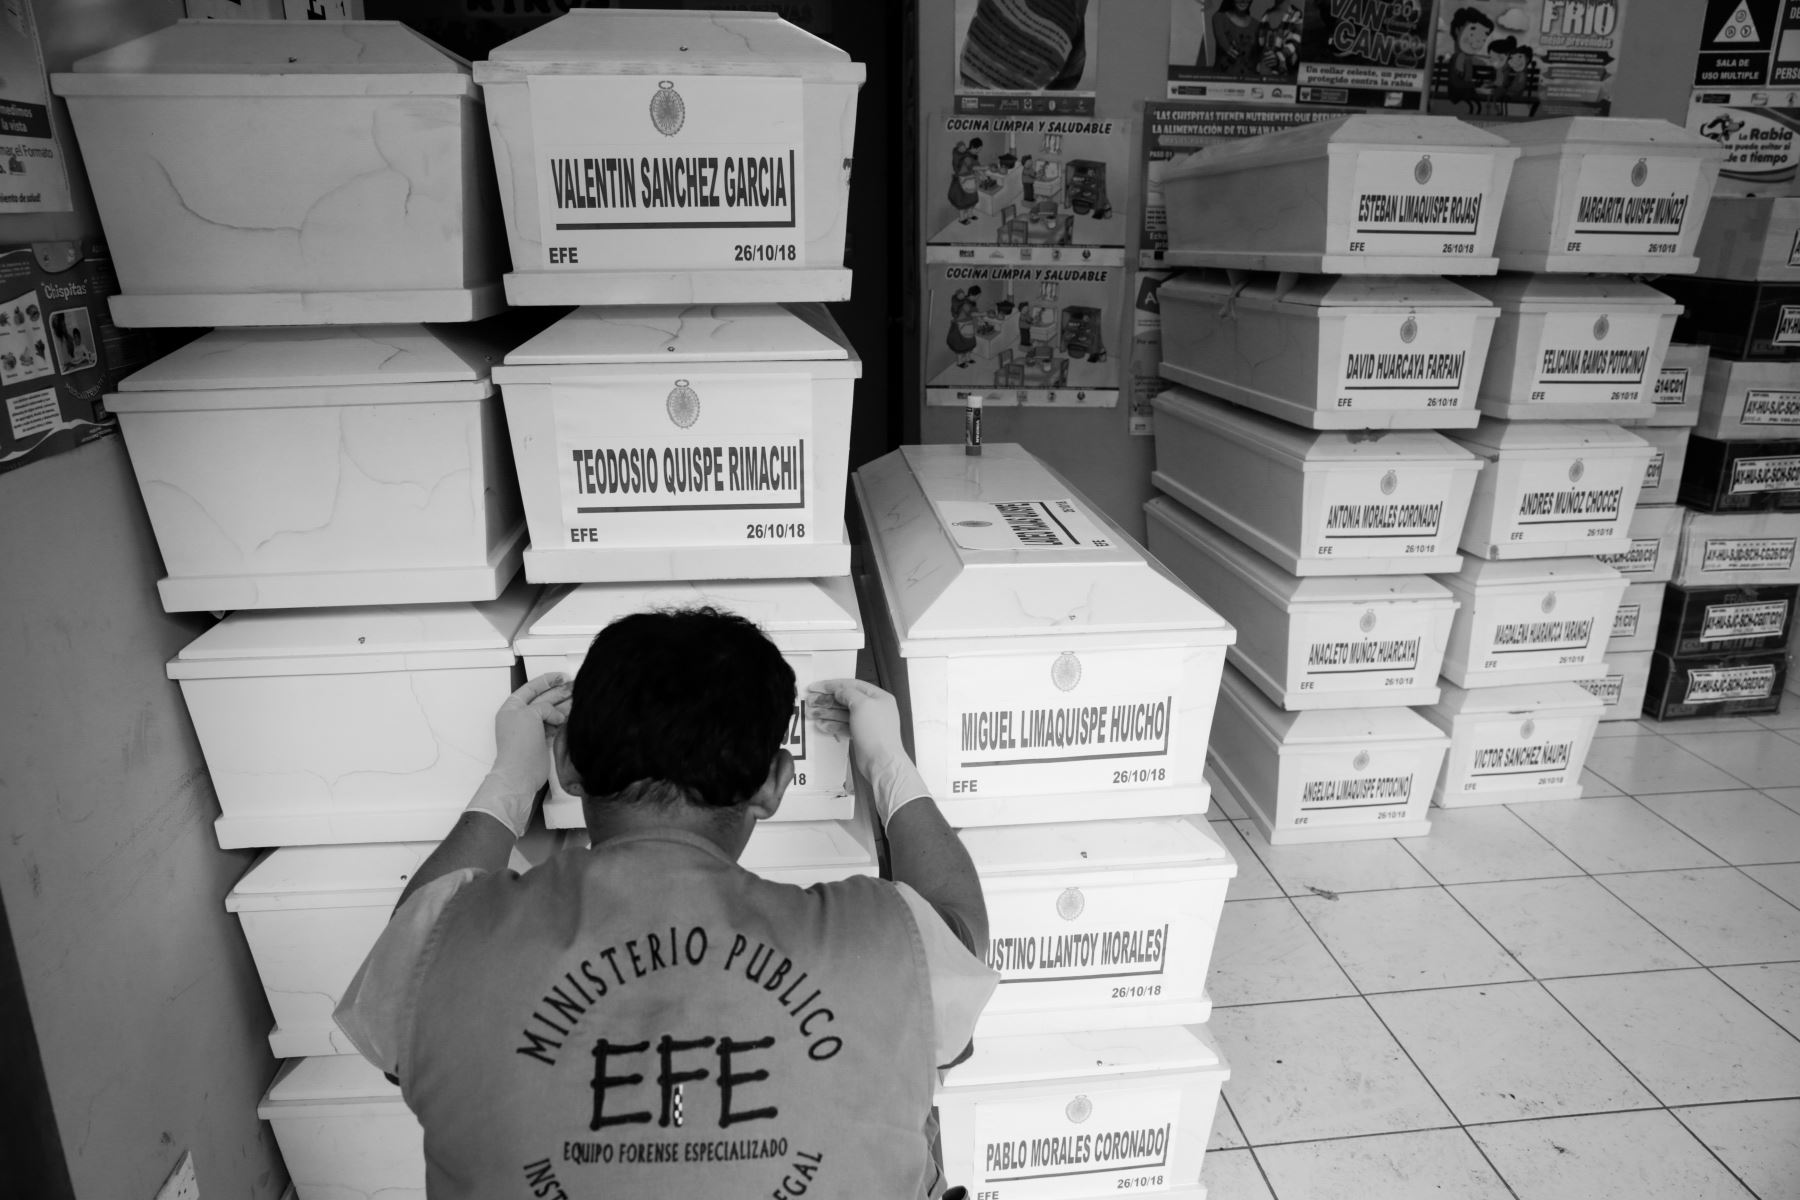 Tras un proceso de peritaje, el Equipo Forense Especializado (EFE) del Ministerio Público devolvió, desde Ayacucho, 27 cajas con cuerpos que pertenecen a la comunidad de Llacchua. Foto: ANDINA/Jack Ramón